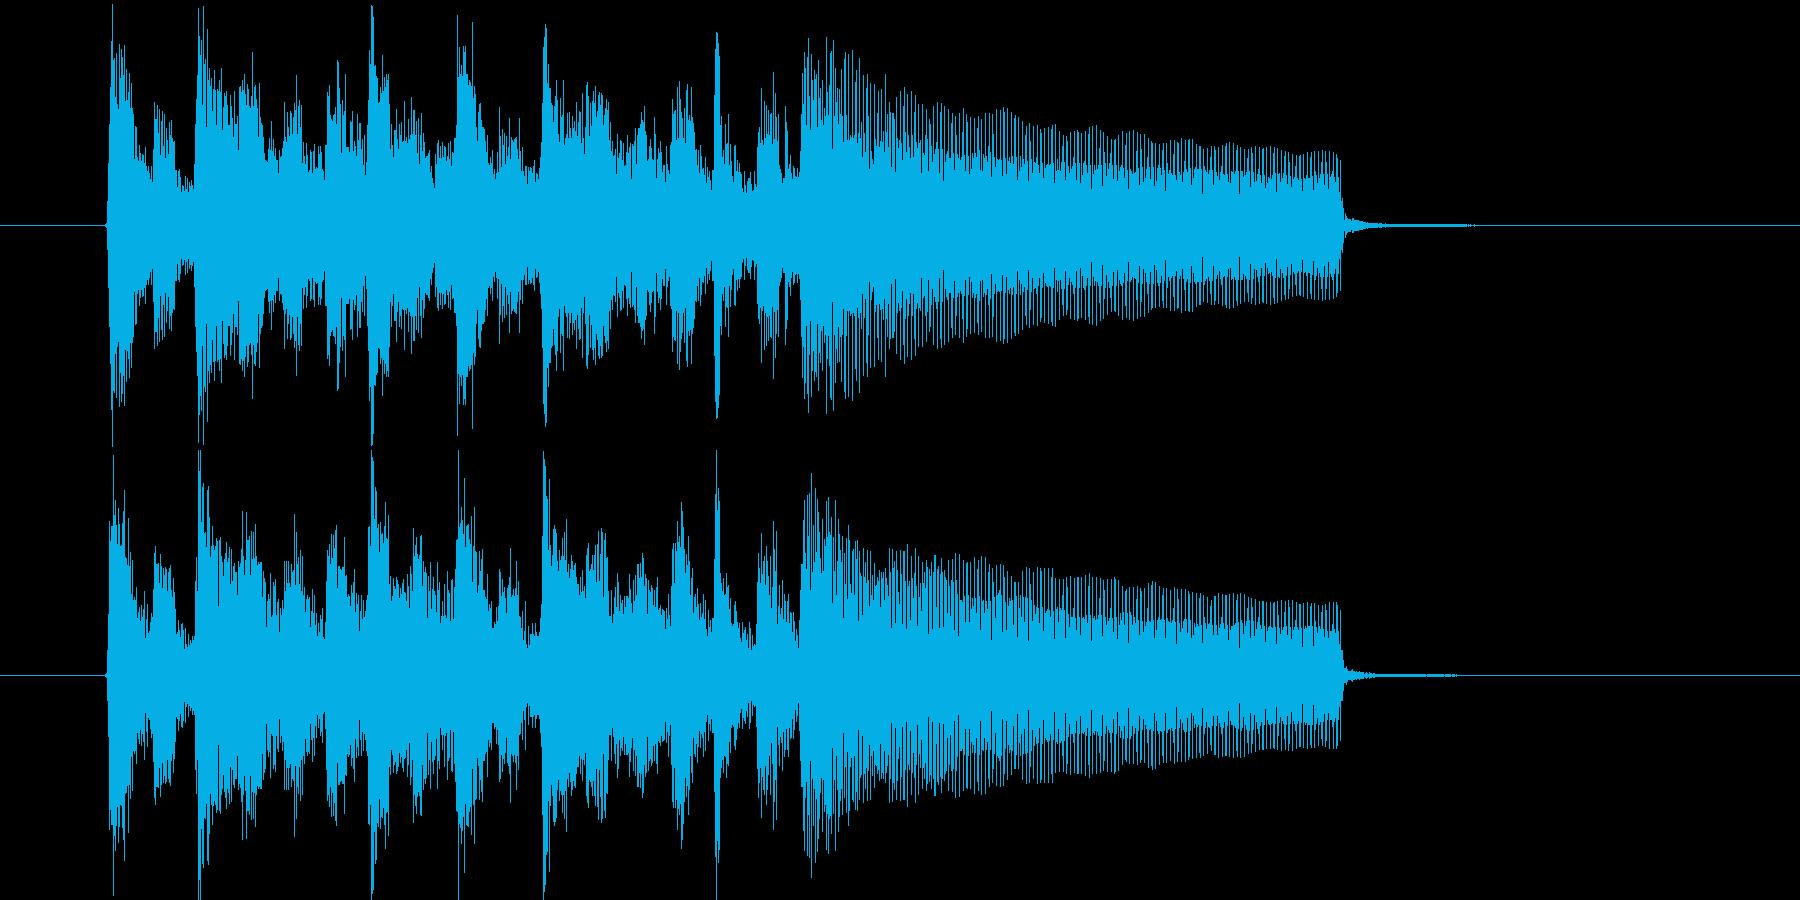 勢いあるリズミカルなピアノジングルの再生済みの波形